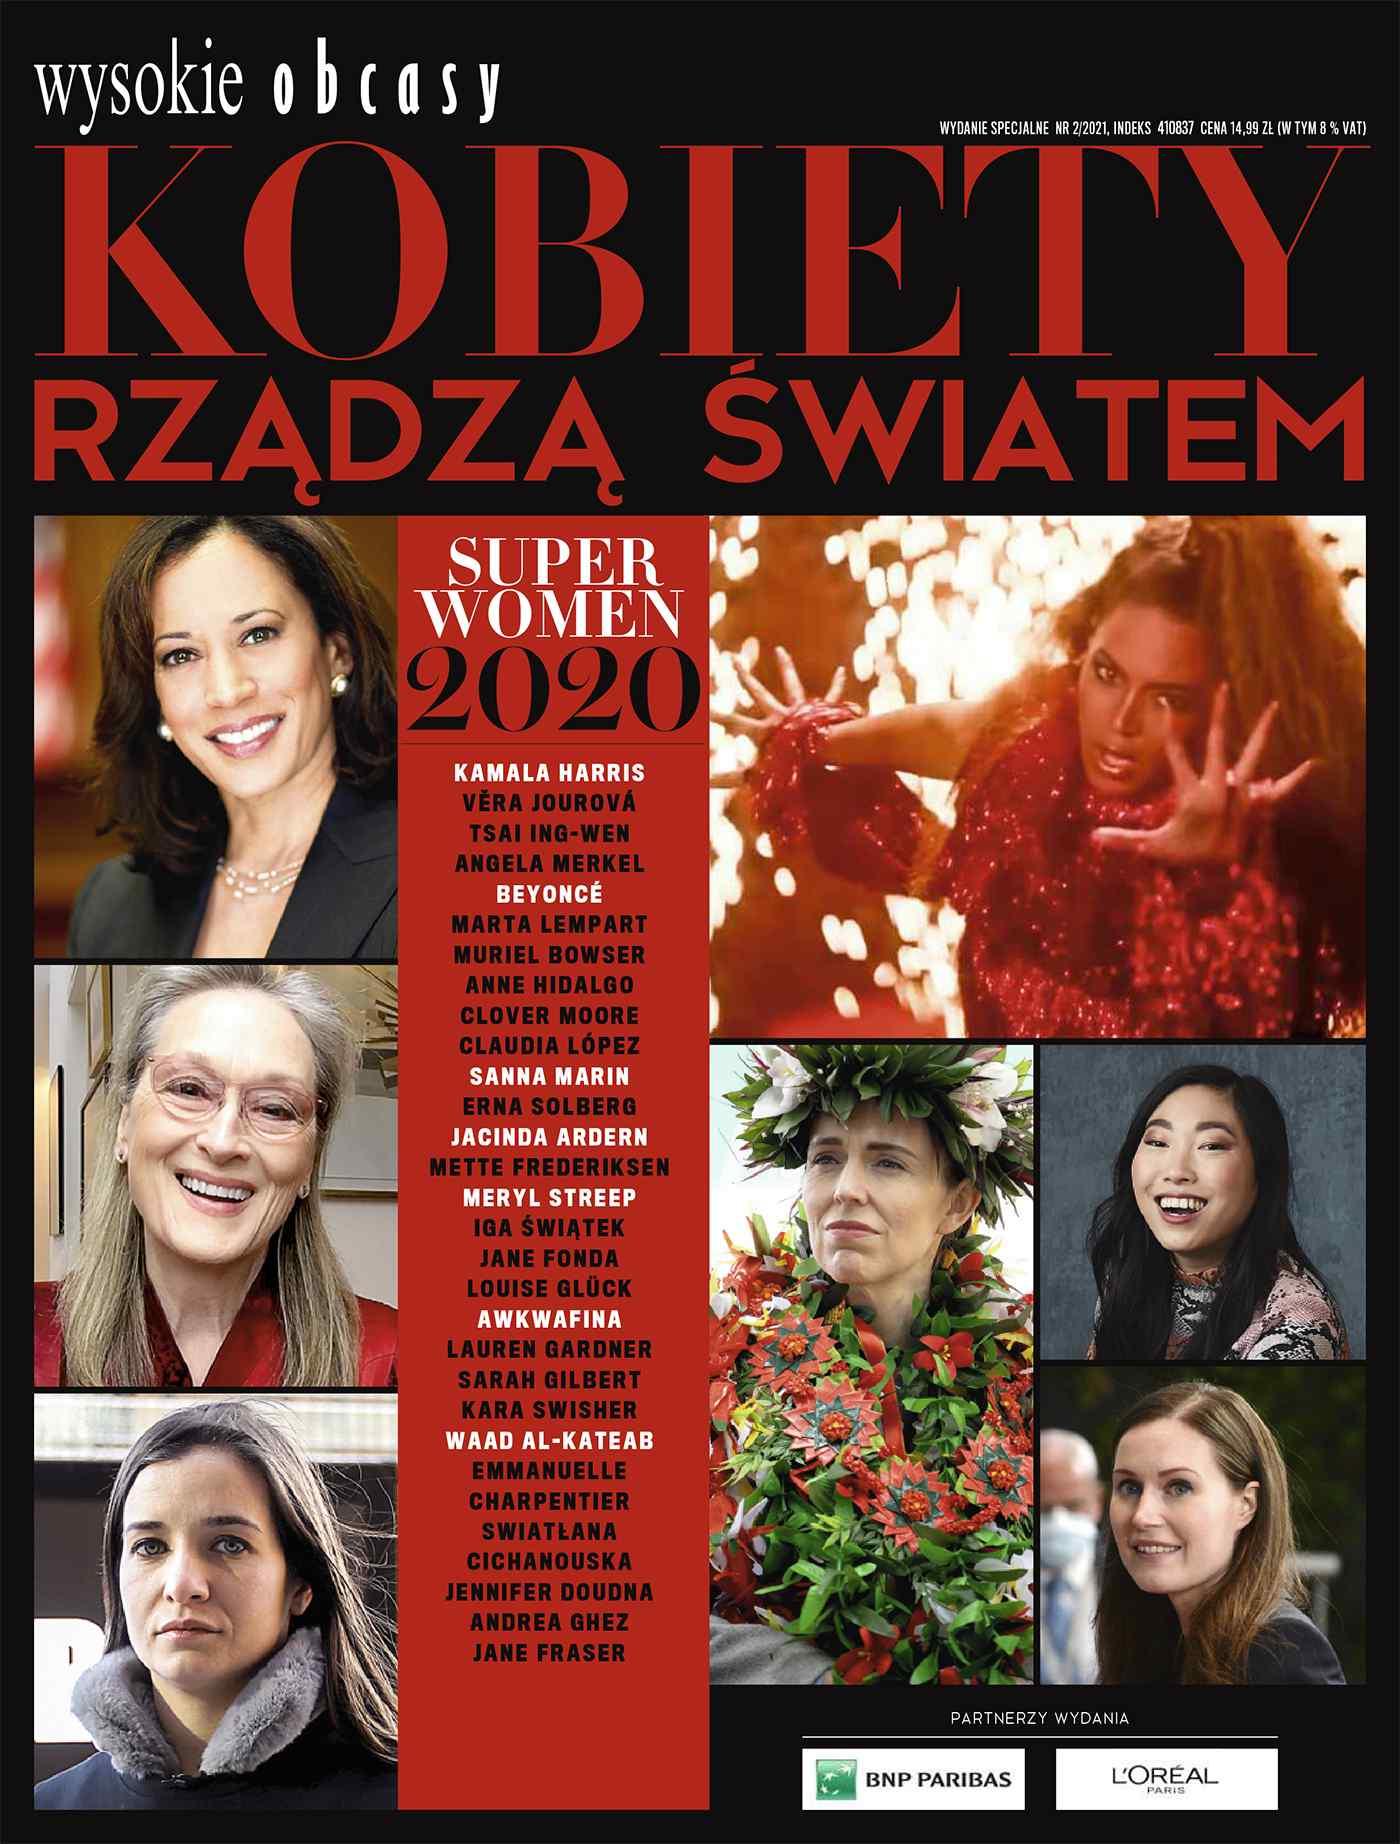 Kobiety rządzą światem. Wysokie Obcasy. Wydanie Specjalne 2/2021 - Ebook (Książka EPUB) do pobrania w formacie EPUB